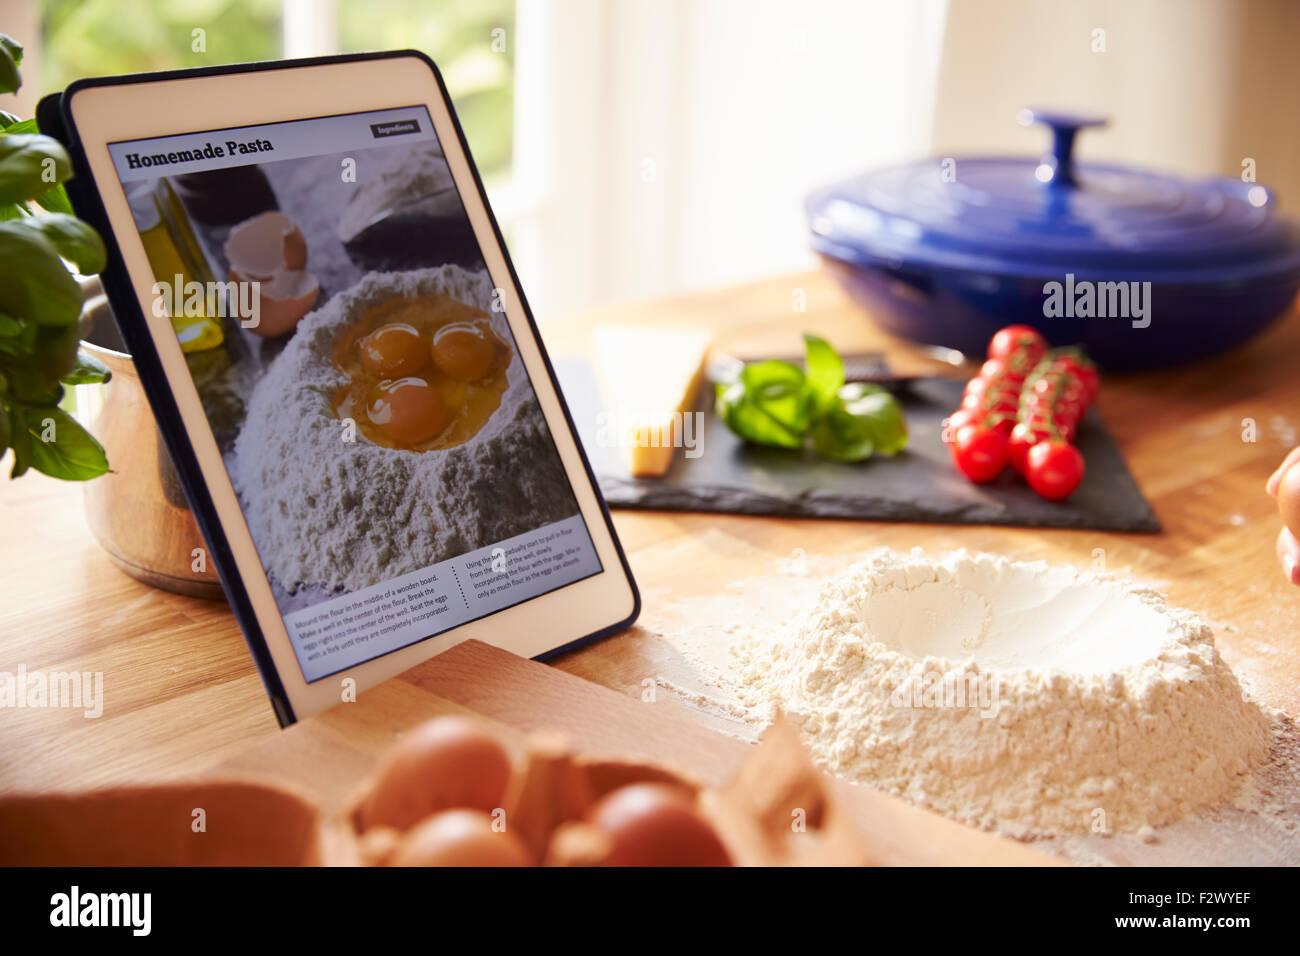 Siguiente receta de pasta utilizando App en tableta digital Imagen De Stock